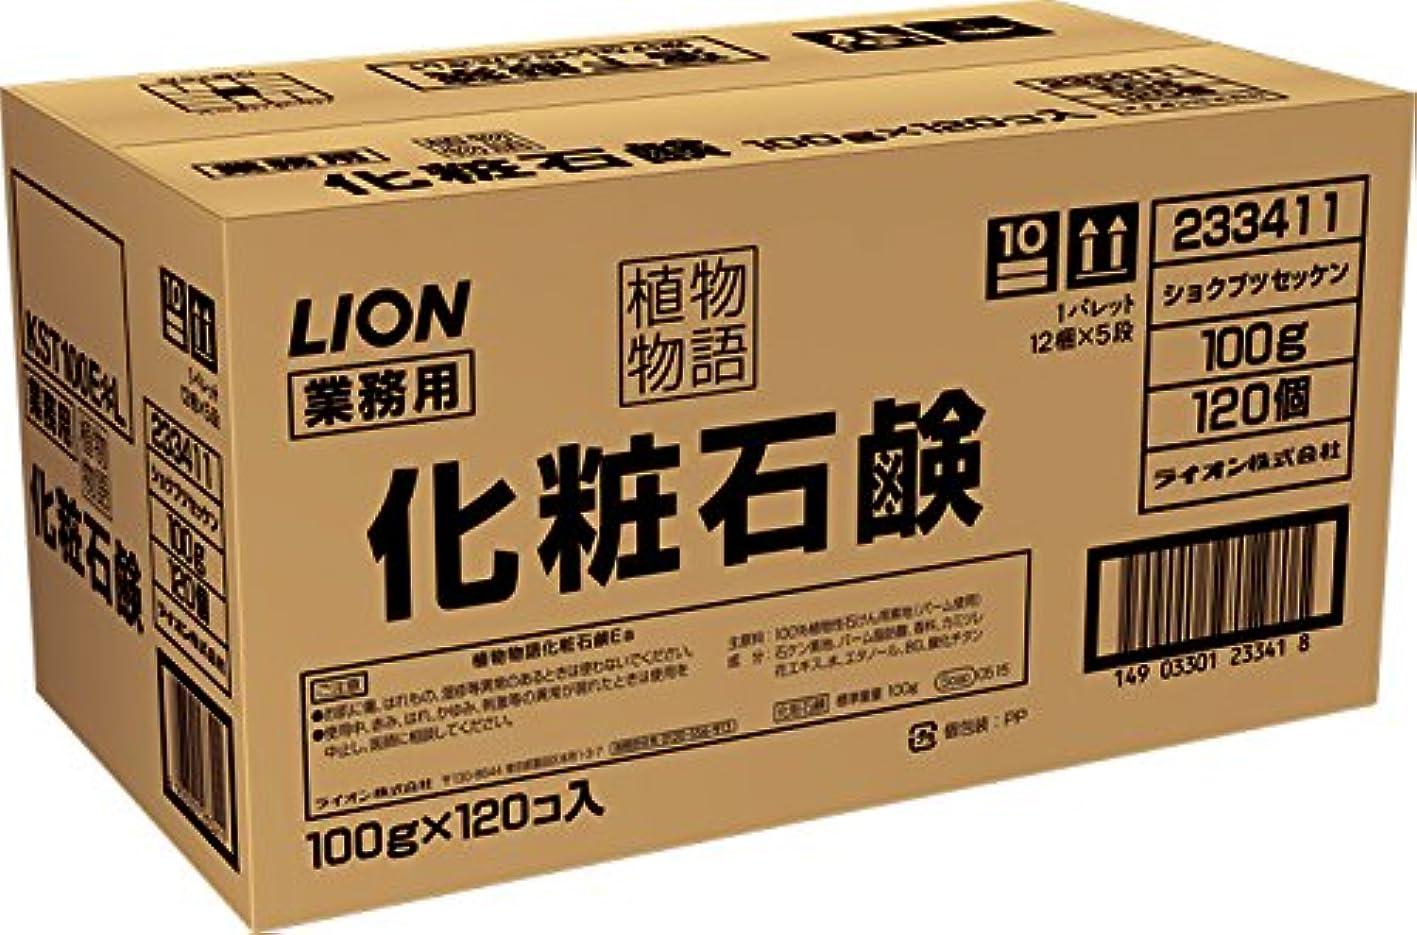 花受け入れる火薬ライオン 業務用石鹸 植物物語 100g×120個入